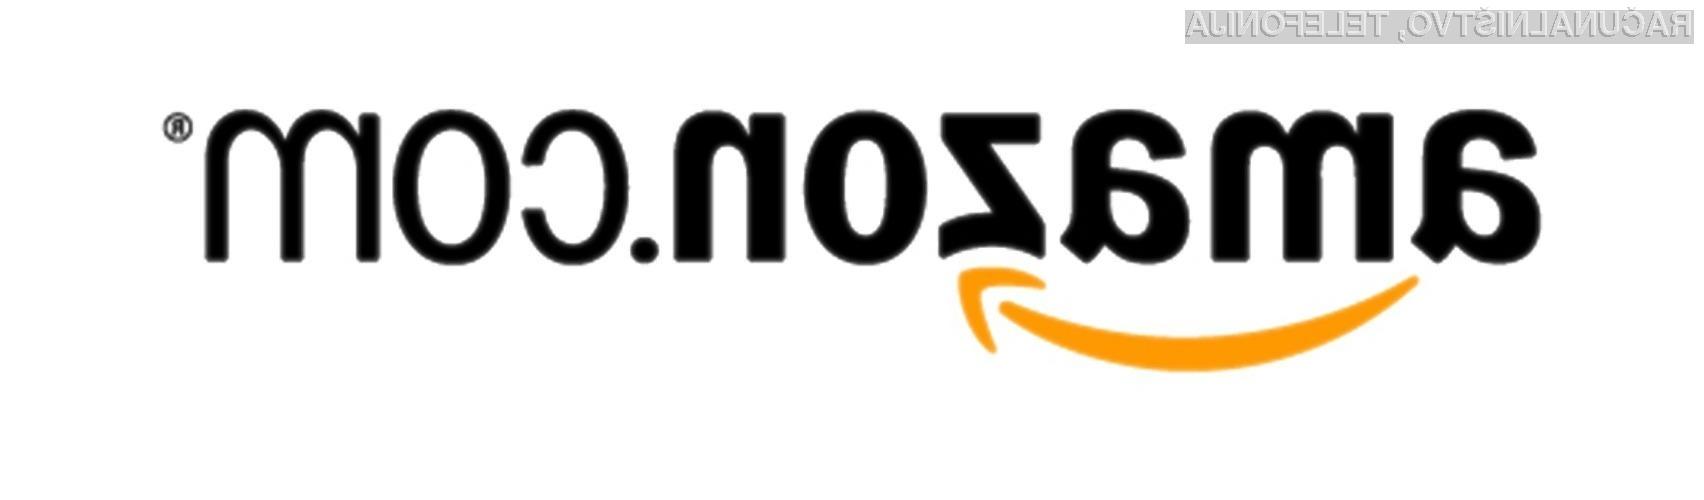 Prodaja Amazona je letošnjega decembra kljub recesiji vse prej kot slaba.